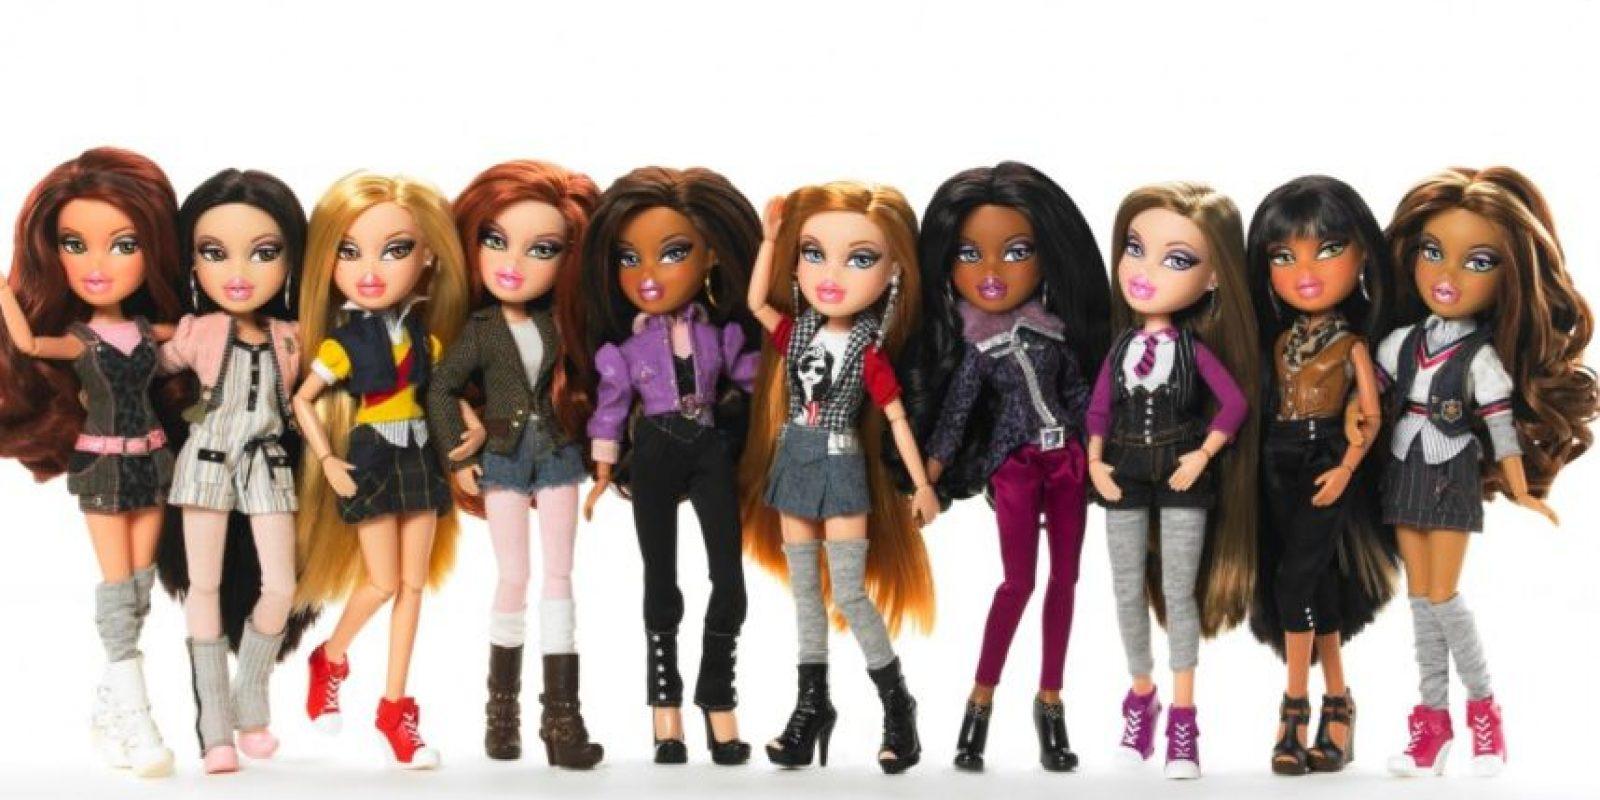 Las Bratz se lanzaron en 2001 como competidoras de Barbie con éxito rotundo. Son muñecas que representan la estética adolescente y urbana Foto:MGAE